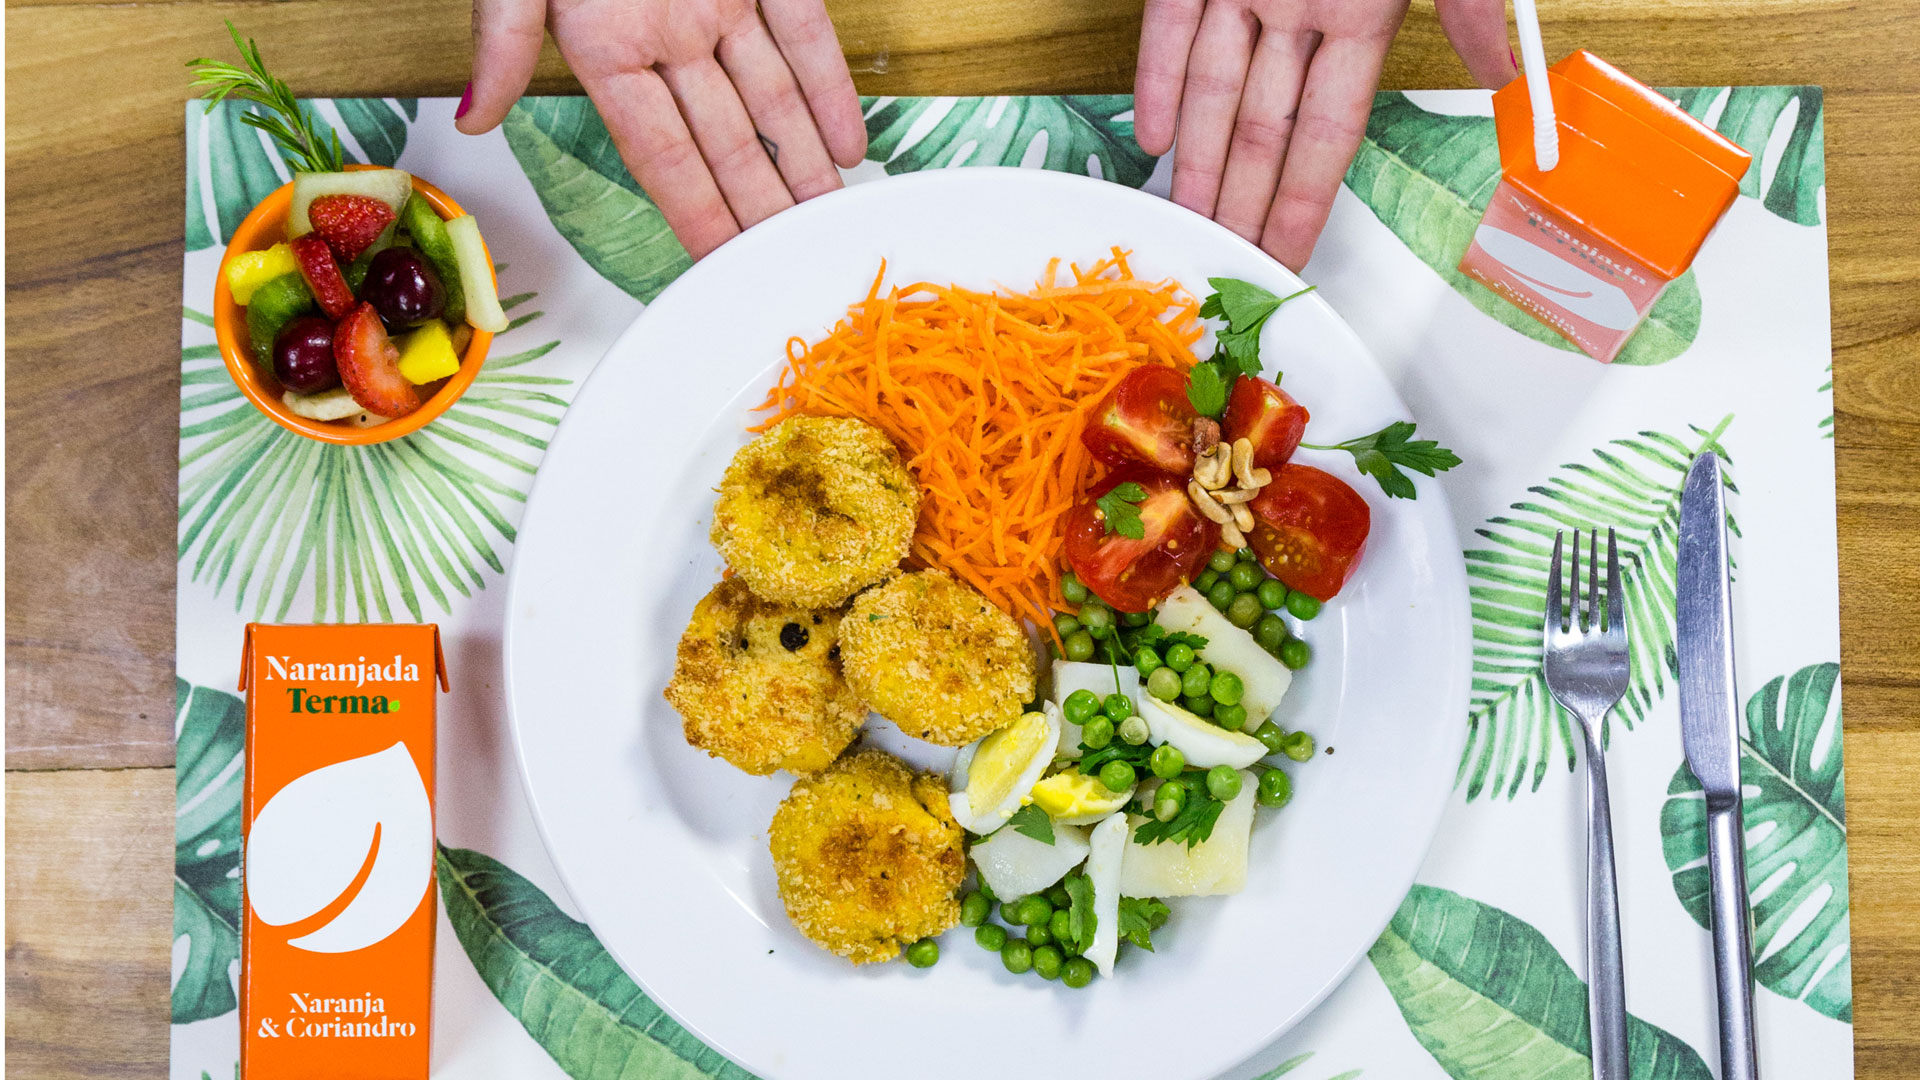 Nuggets de pollo y queso con ensalada. Acompañada por una Terma de naranja y coriandro.